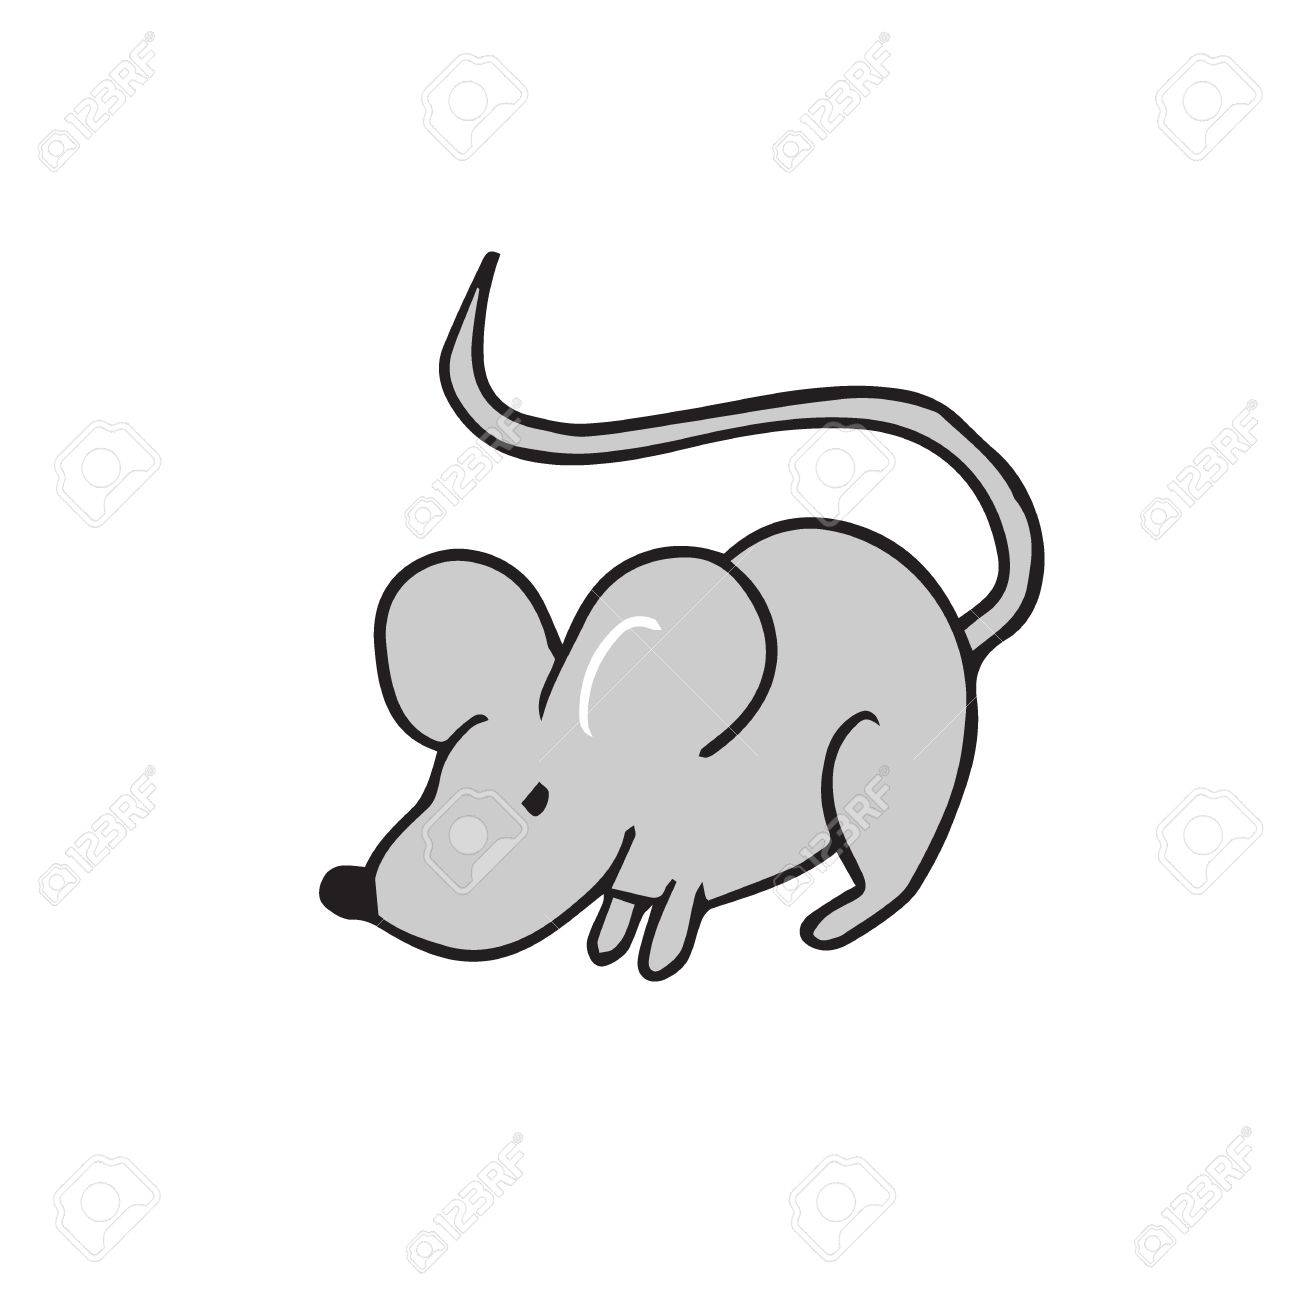 ratón parado solo dibujo de dibujos animados ilustraciones